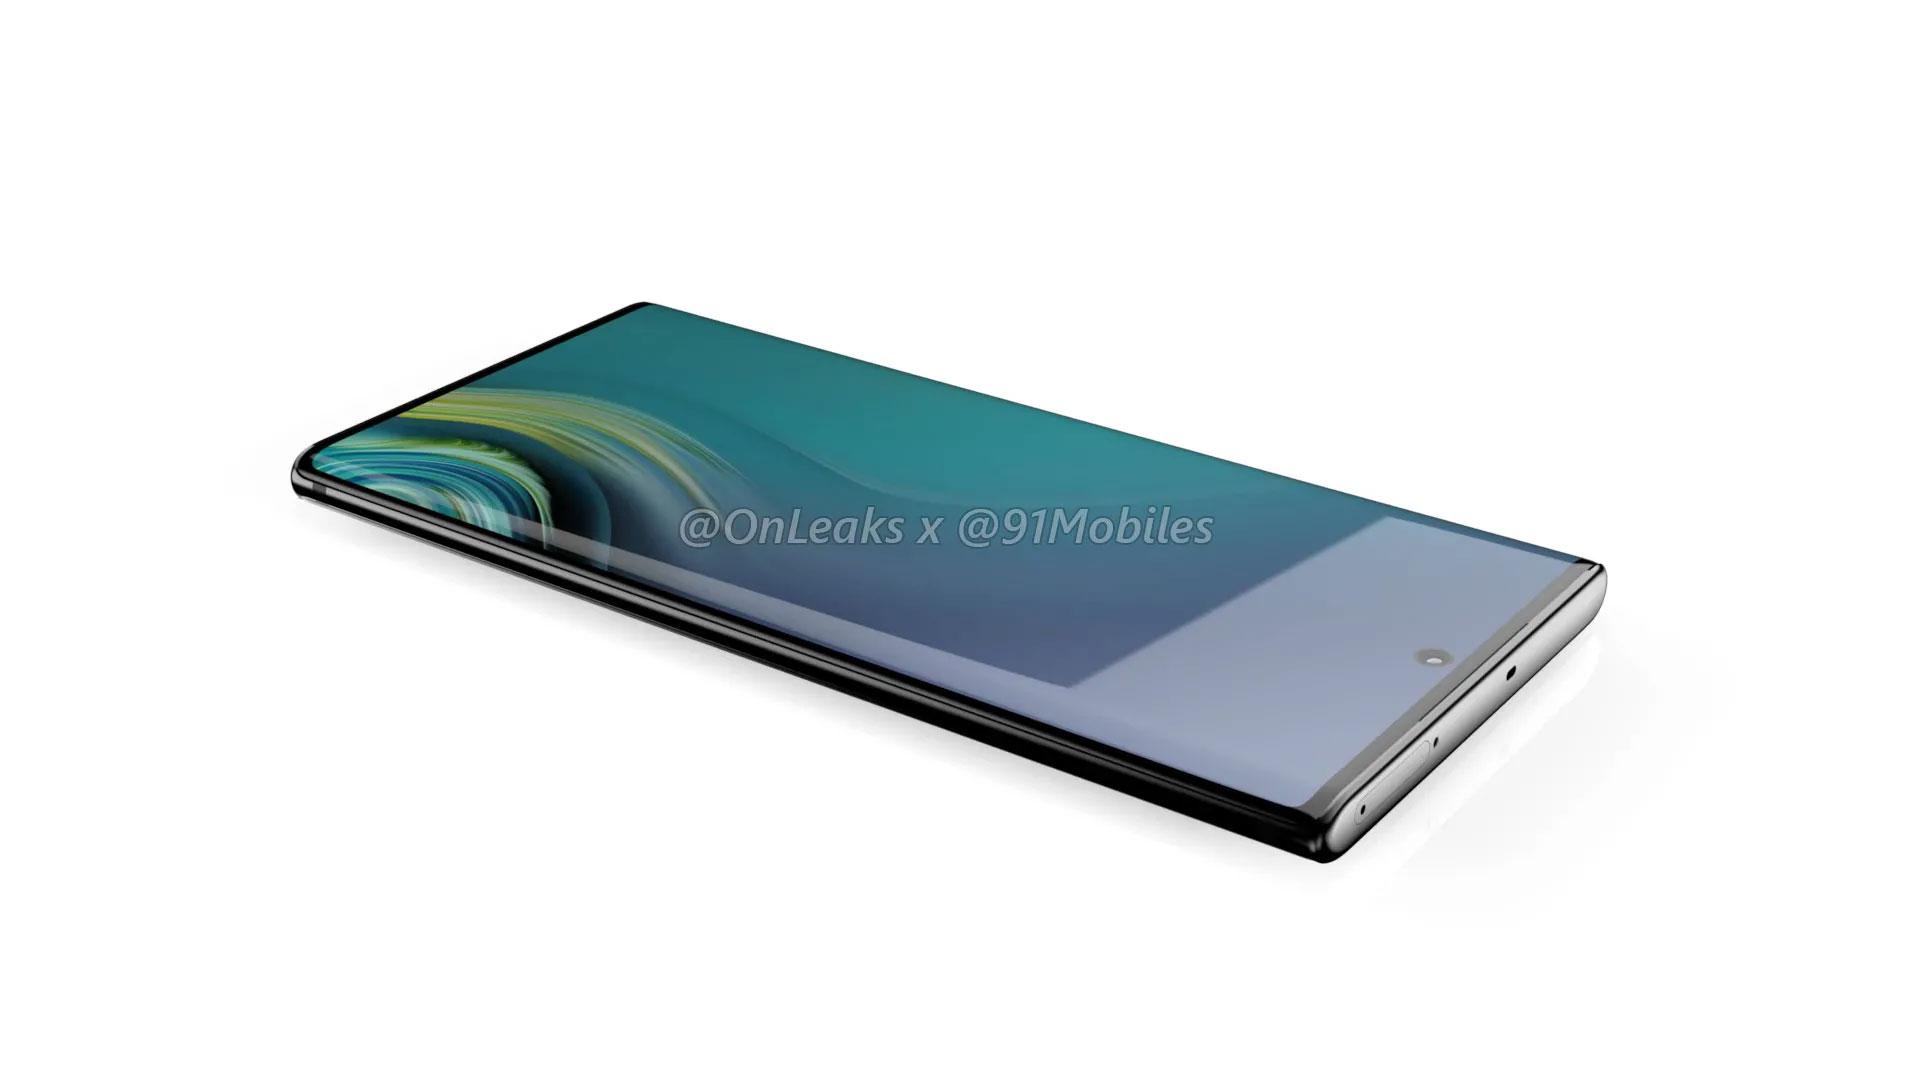 سامسونگ گلکسی نوت ۱۰ (Galaxy Note 10)